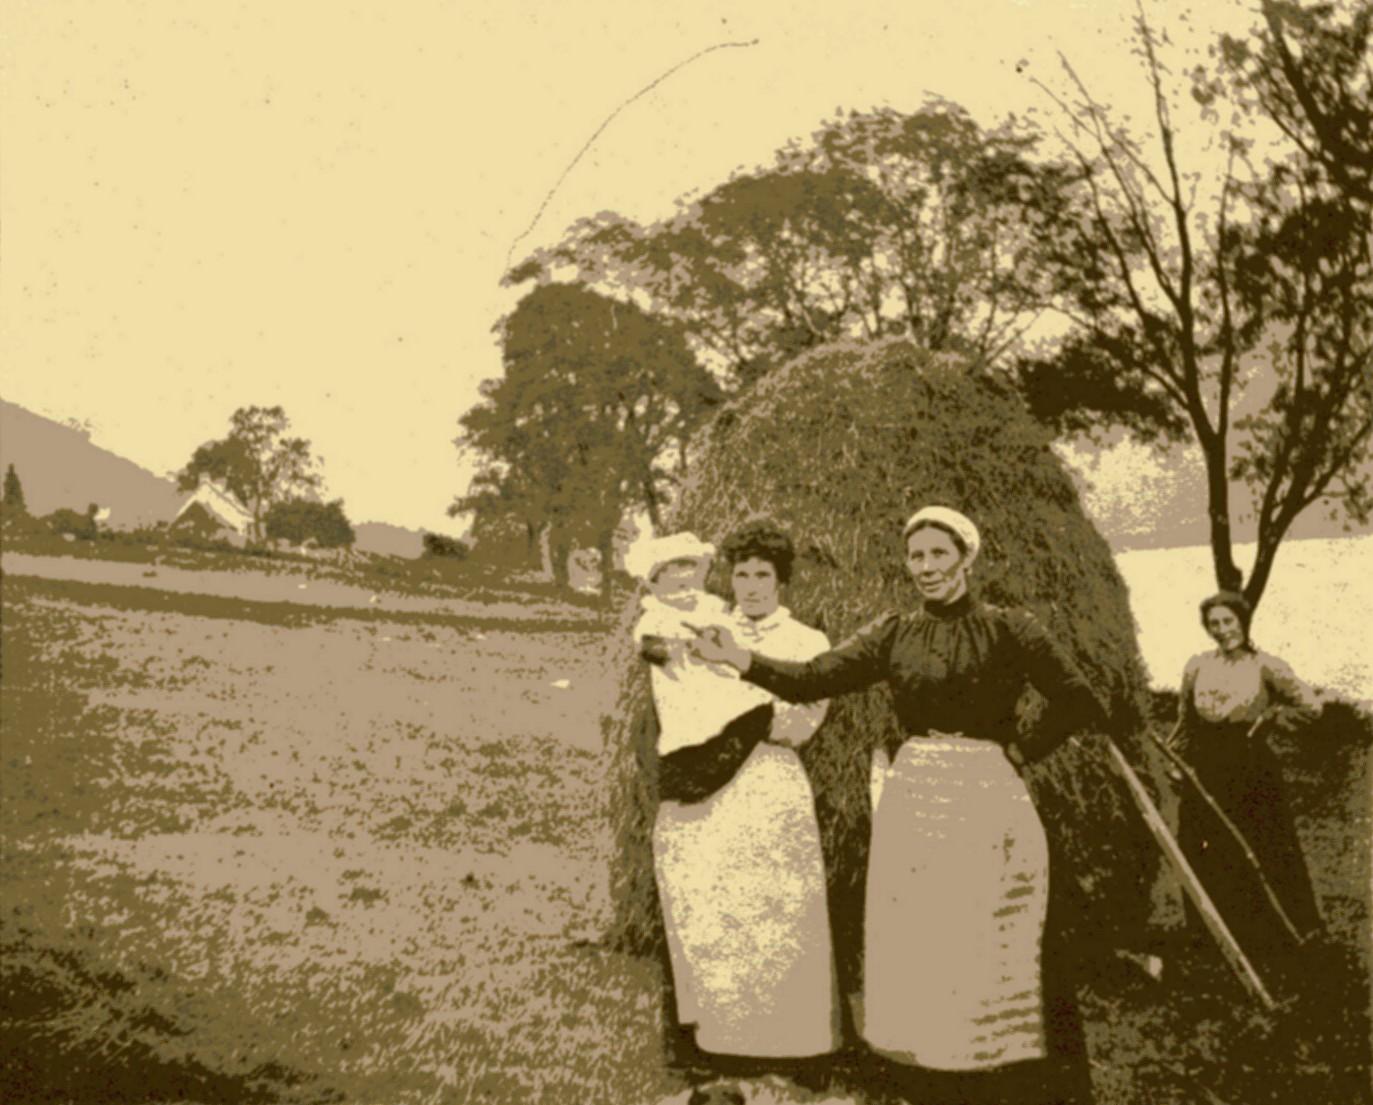 Making hay at Cuil Beag